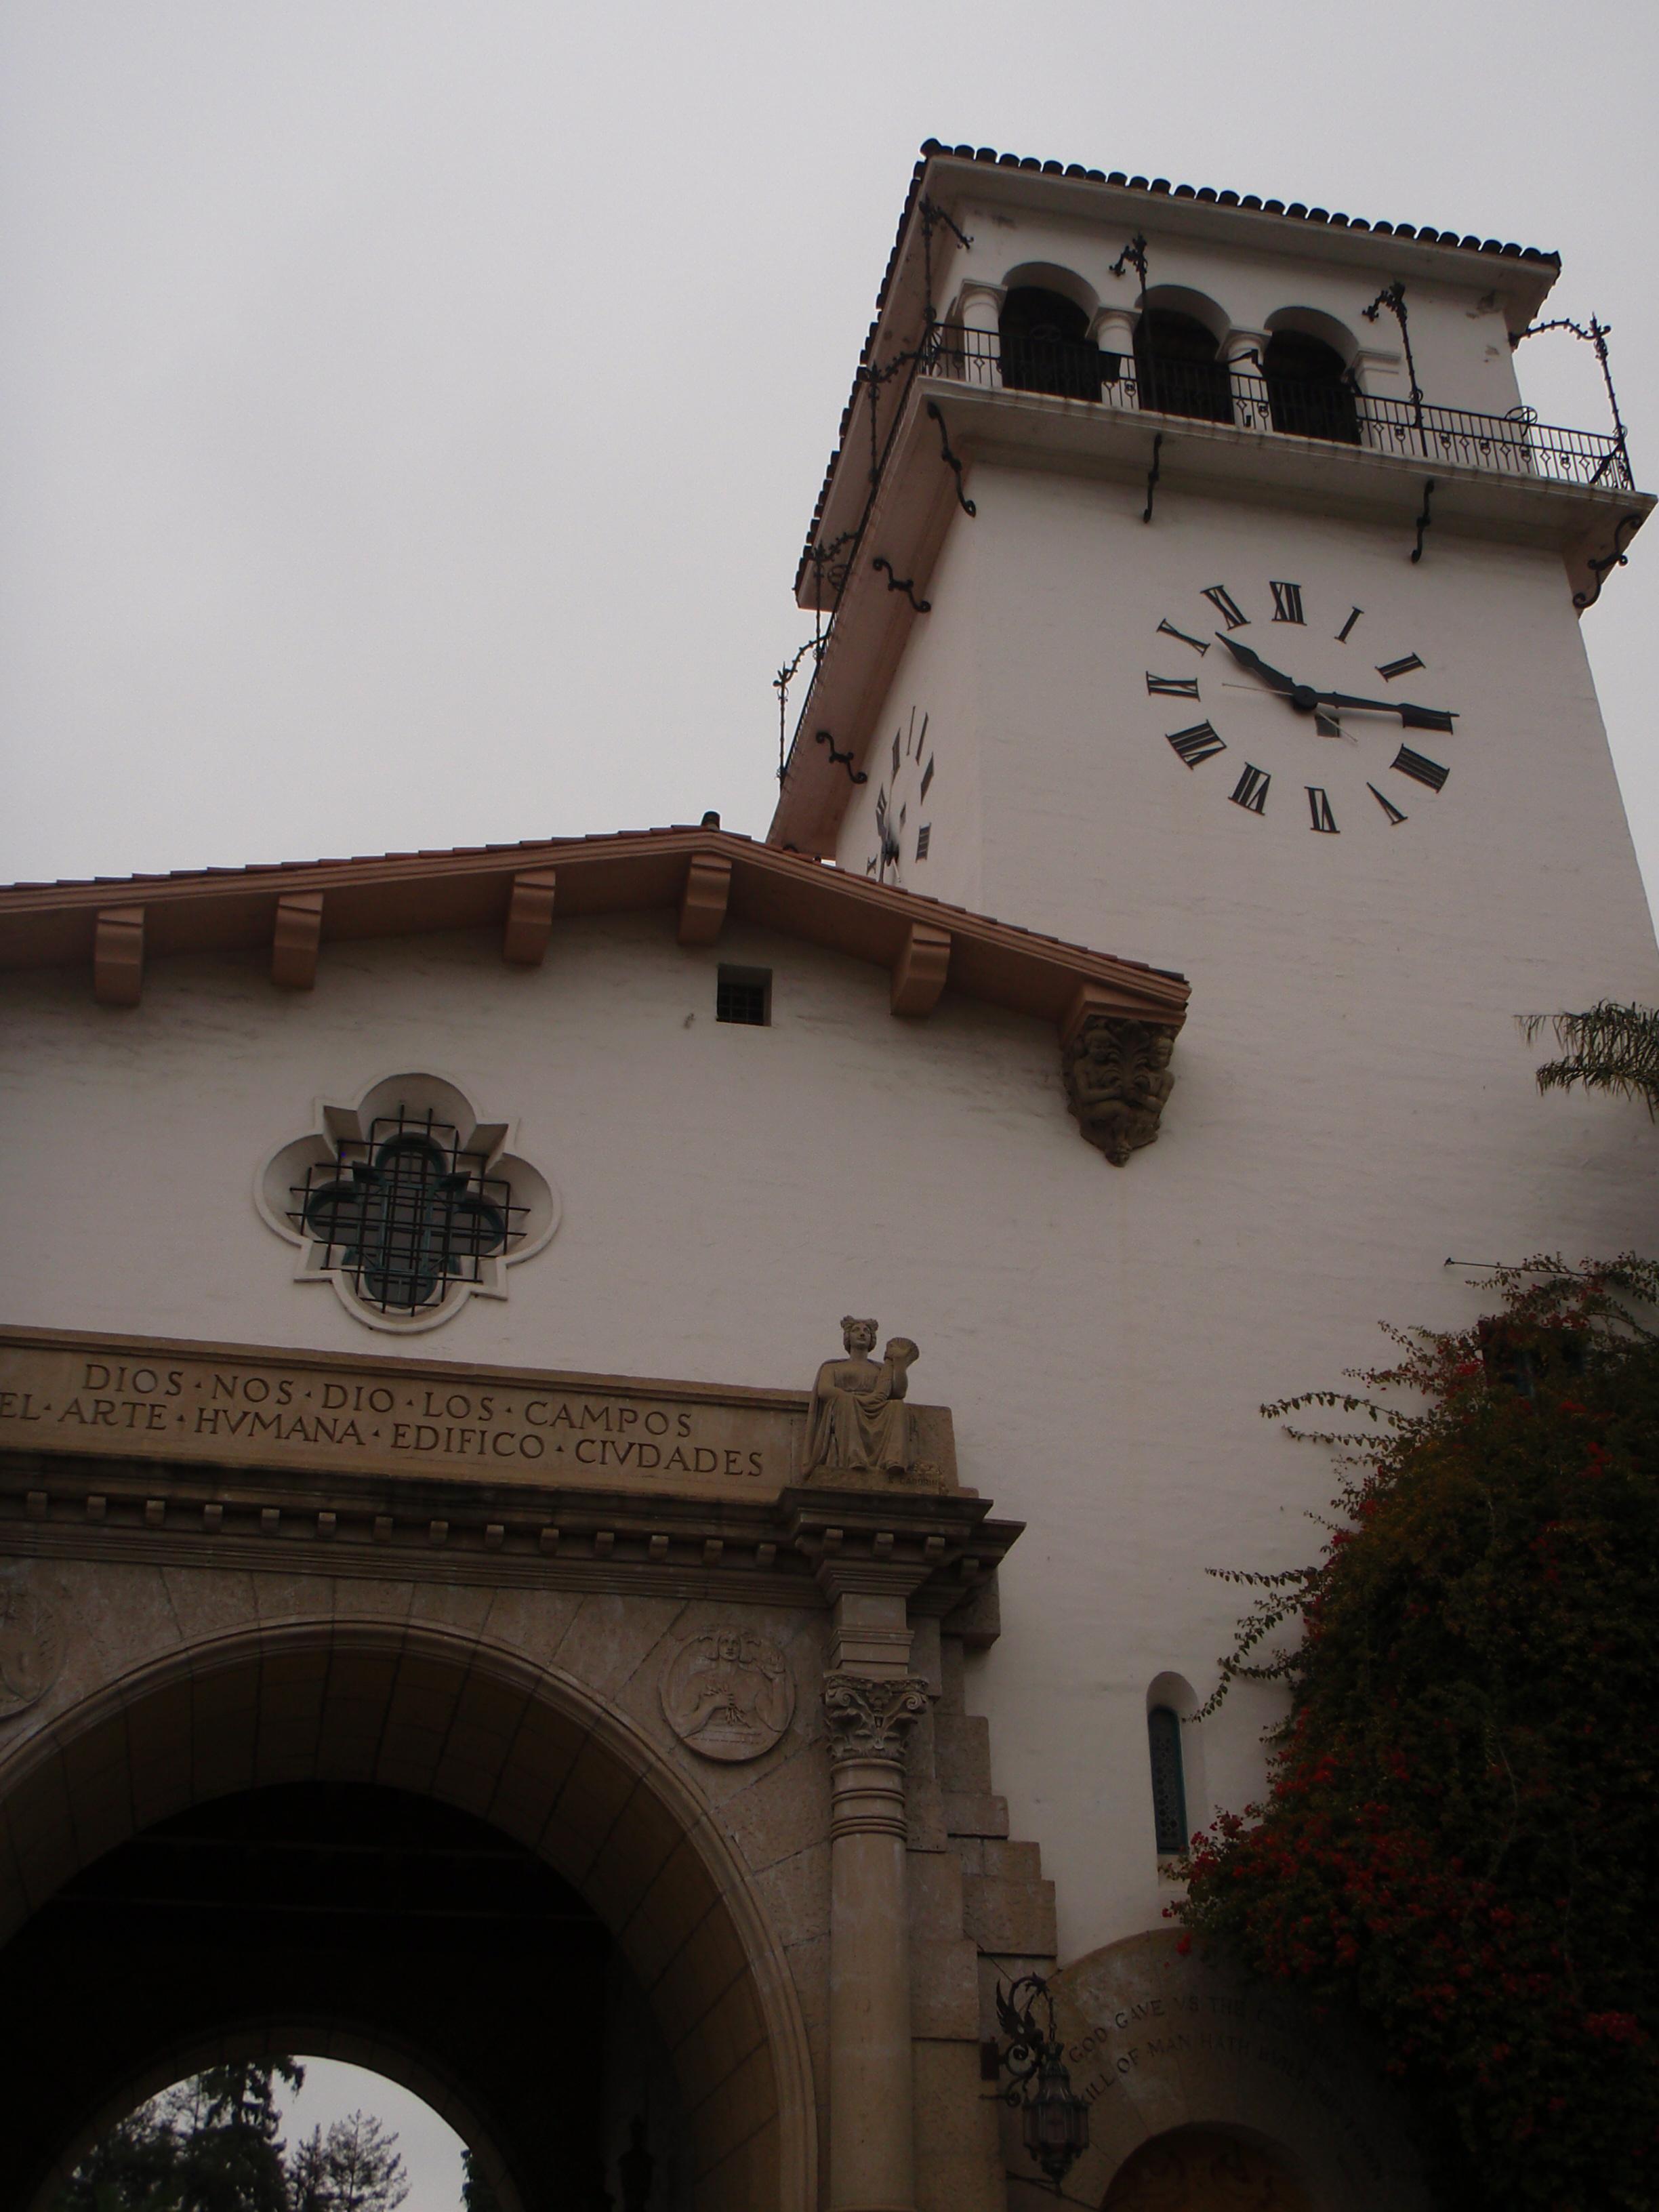 Courthouse and clock tower, Santa Barbara, CA